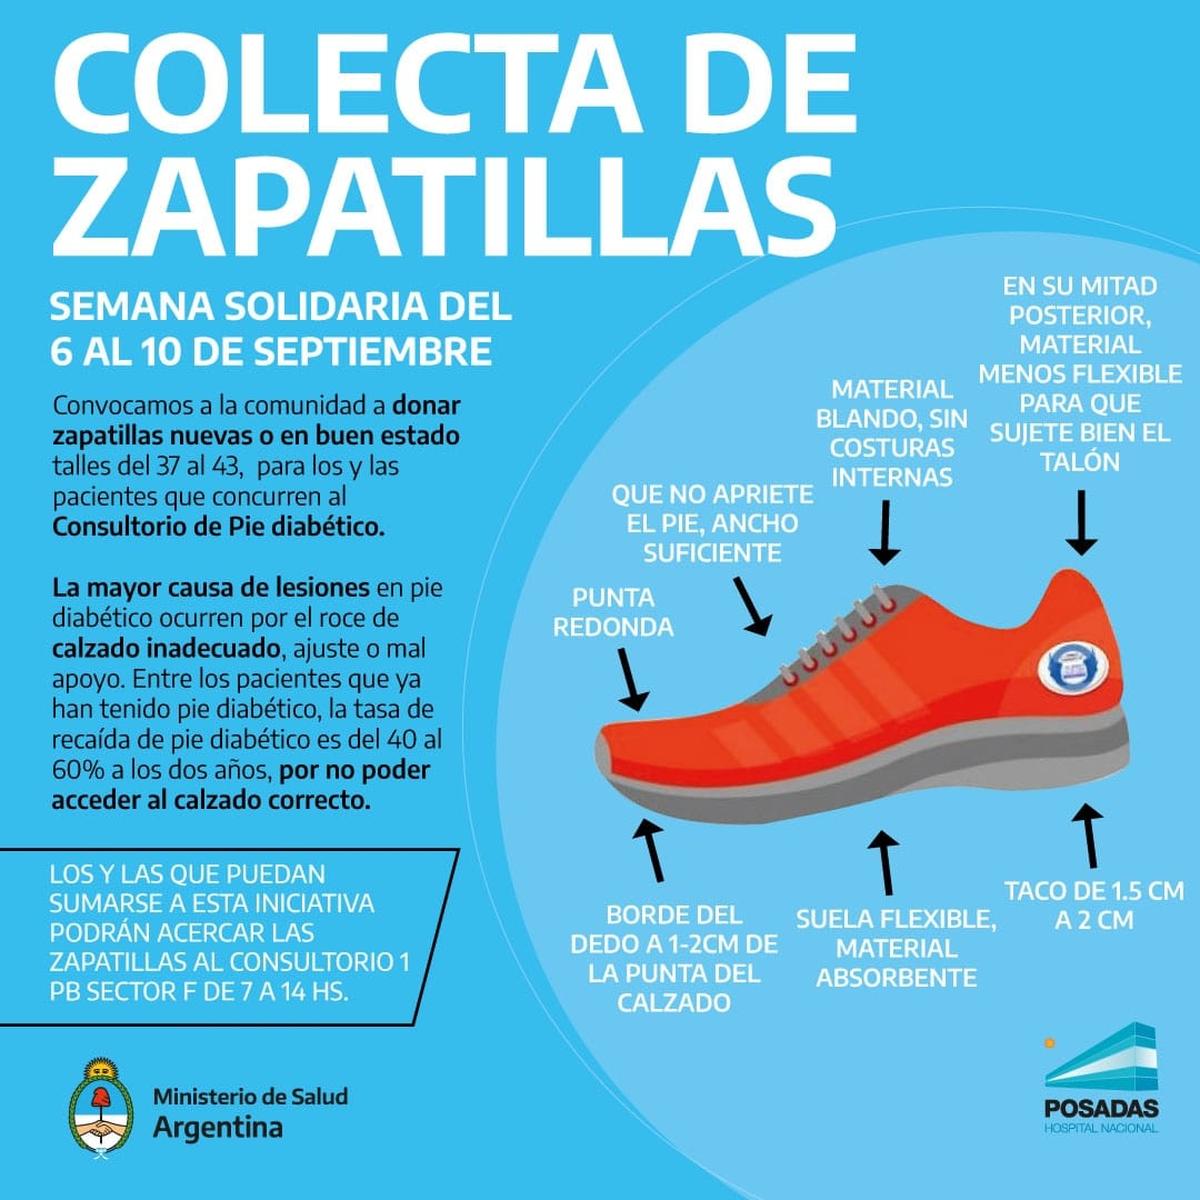 El Hospital Posadas se encuentra realizando esta semana una campaña solidaria para recolectar zapatillas para pacientes con pie diabético.